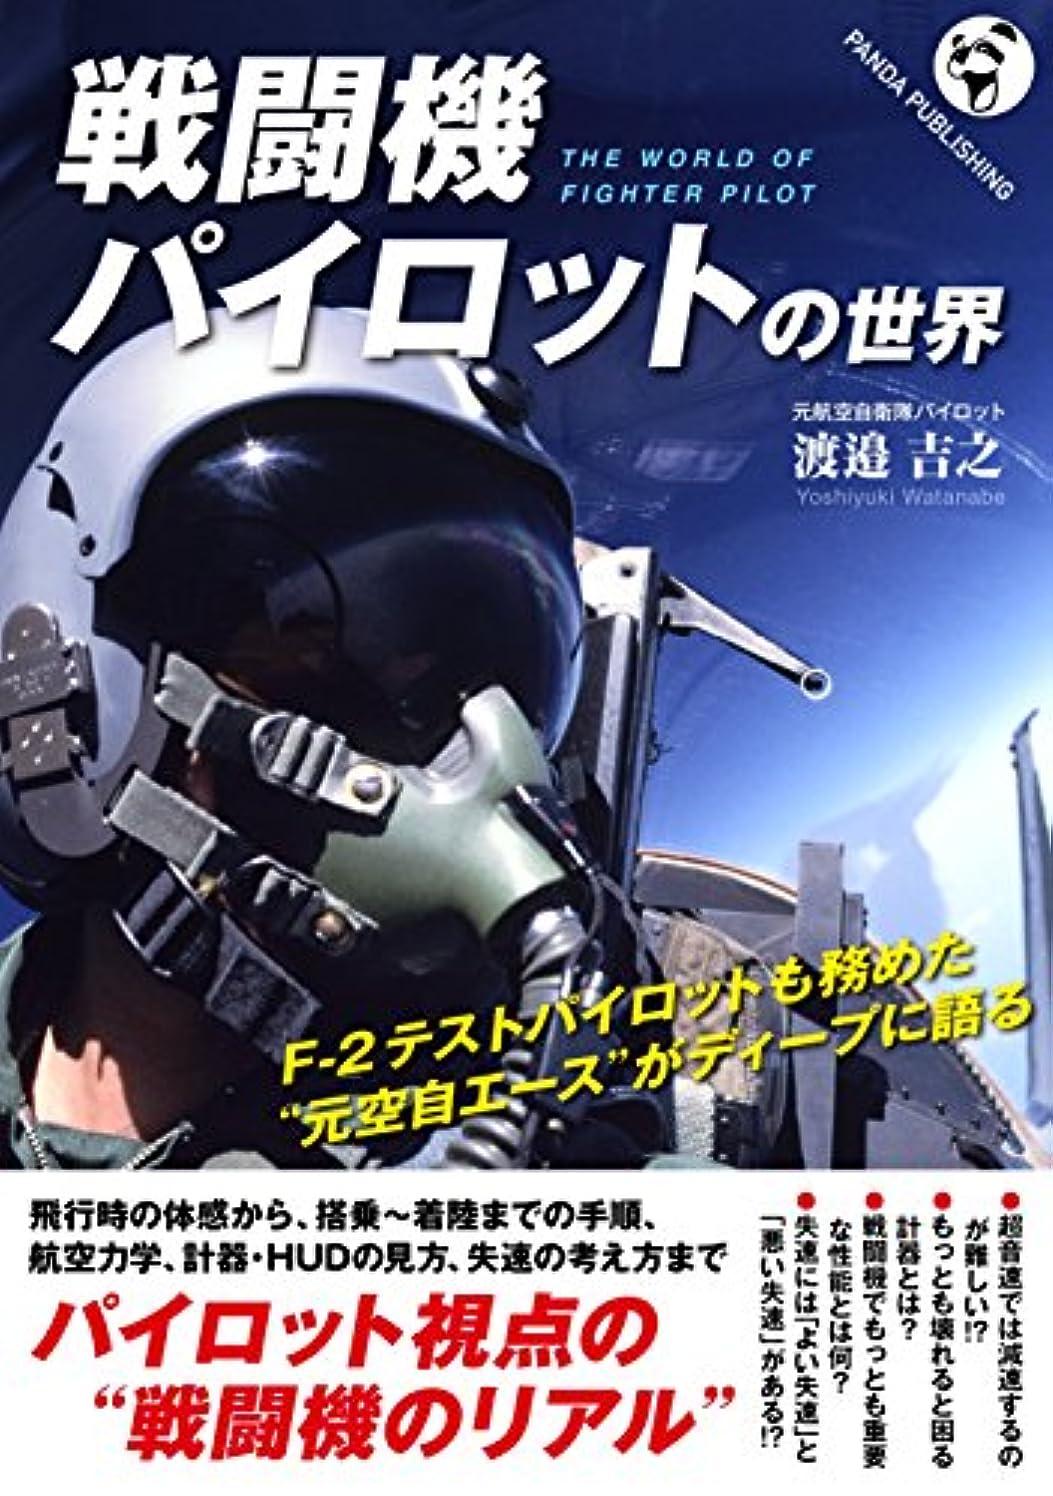 軽バッチジェム戦闘機パイロットの世界:  元F-2テストパイロット が語る戦闘機論